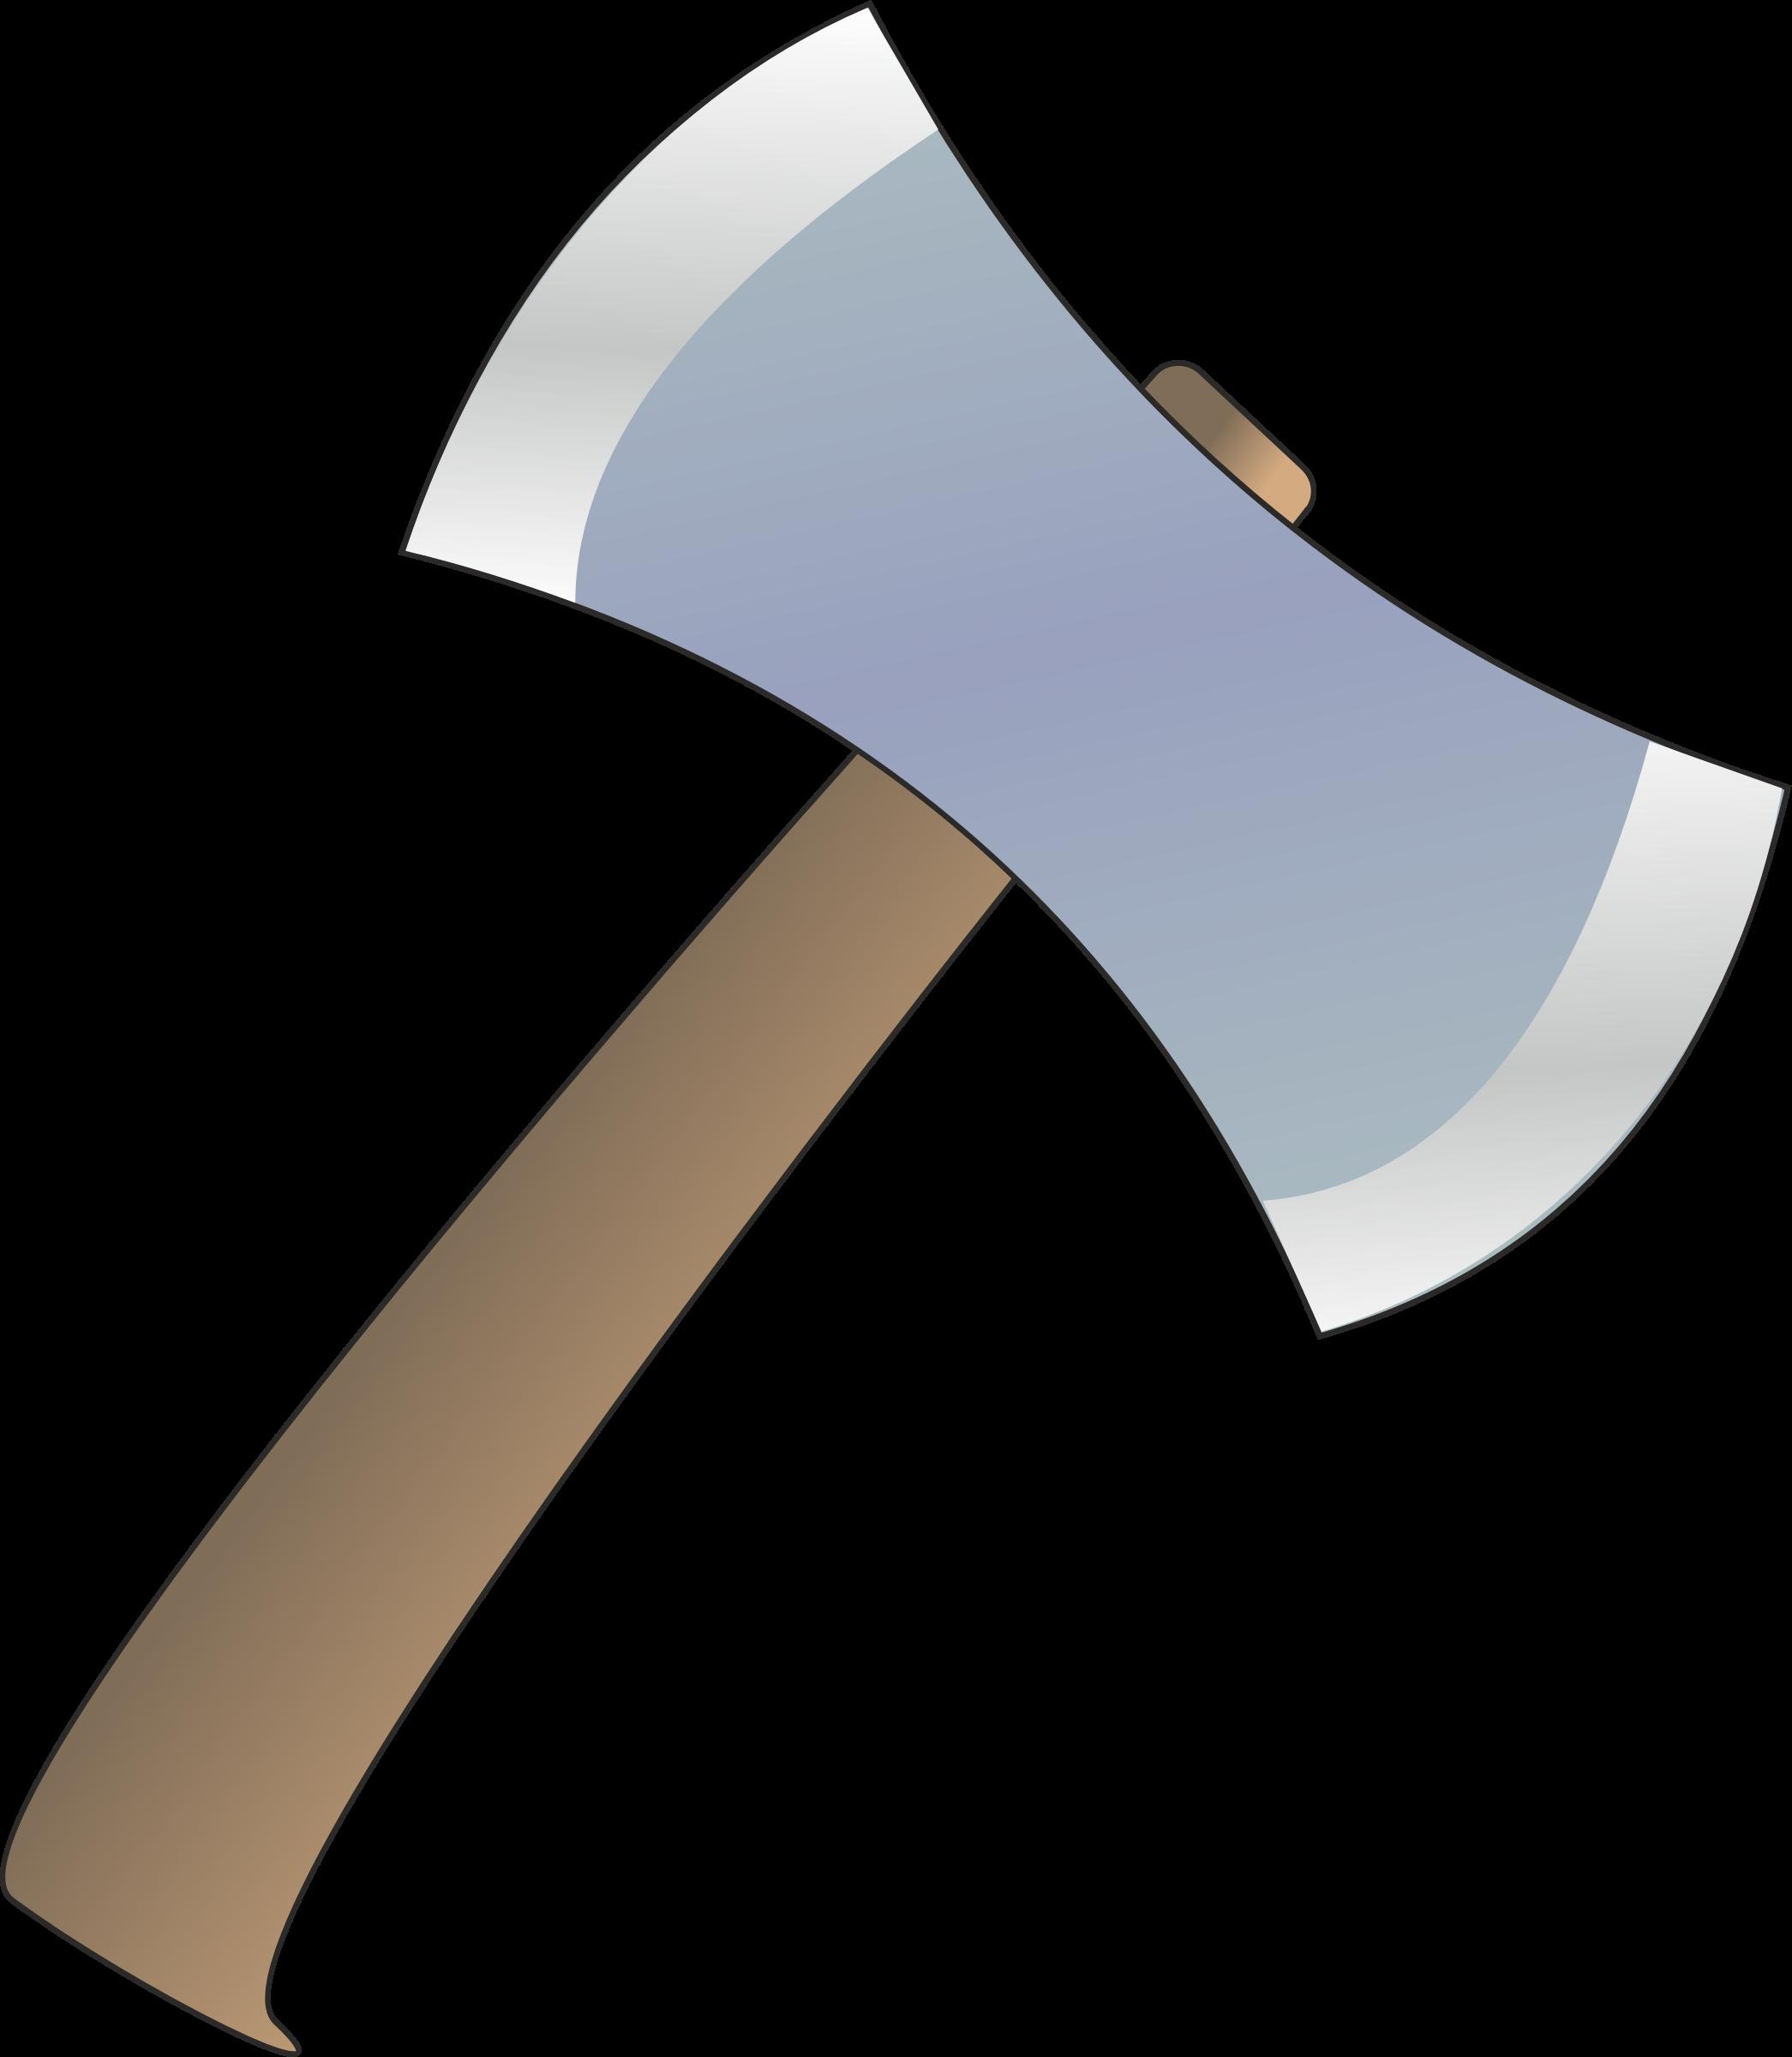 Axe clipart hatchet Clipart Axe Axe